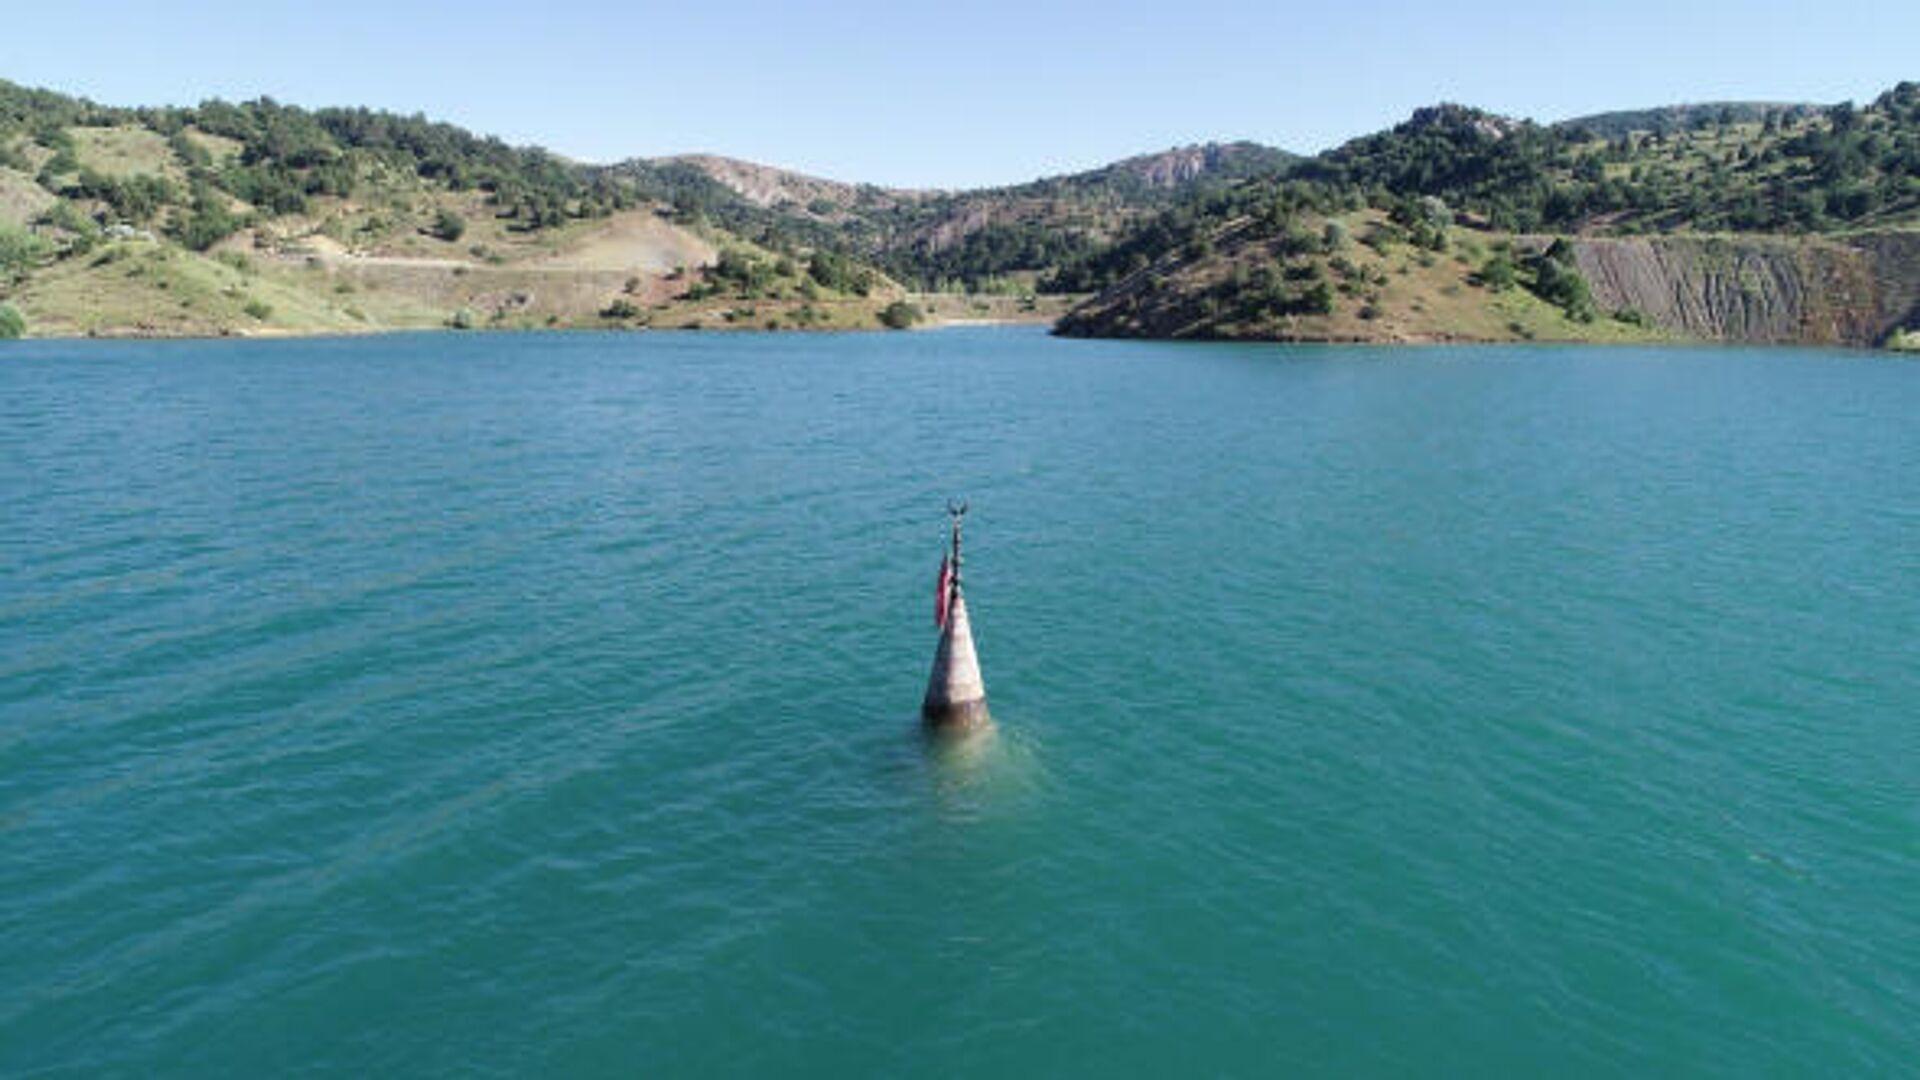 Sulara gömülen köy 12 yıl sonra ortaya çıktı - Sputnik Türkiye, 1920, 14.10.2021